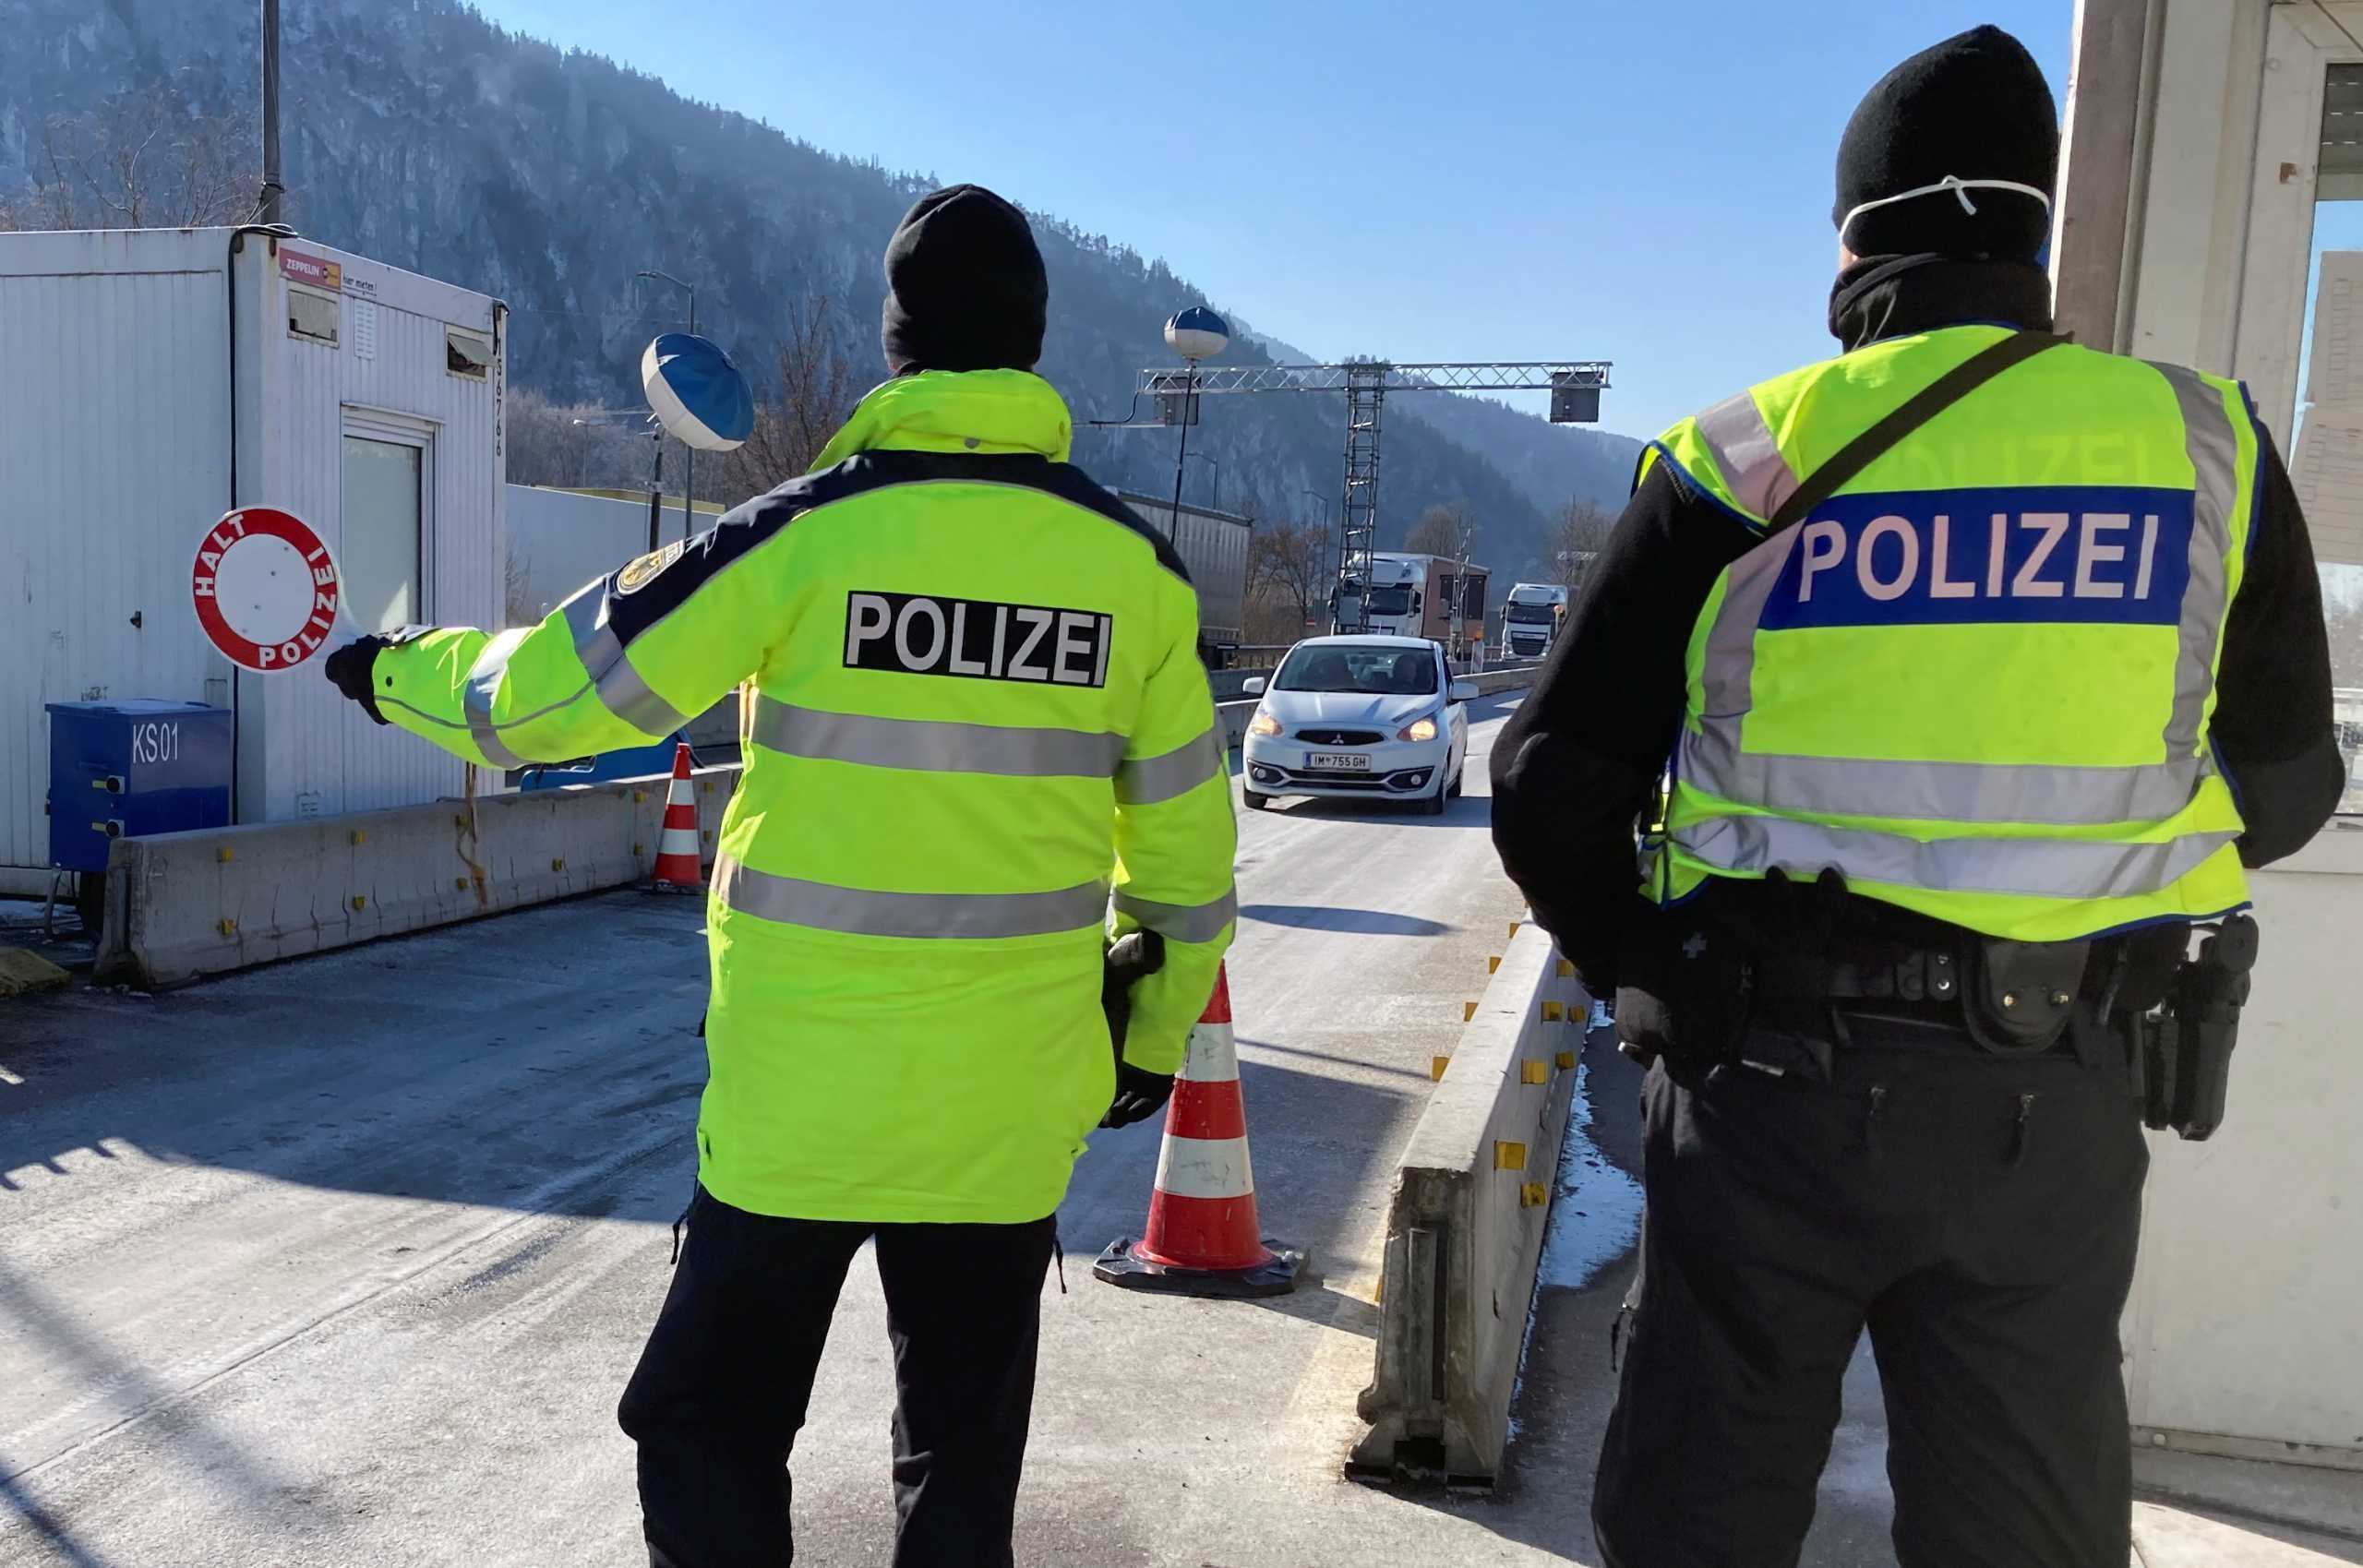 Γερμανία – Κορονοϊός: Δεν αποκλείονται αυστηρότεροι έλεγχοι στα σύνορα με Γαλλία και Λουξεμβούργο